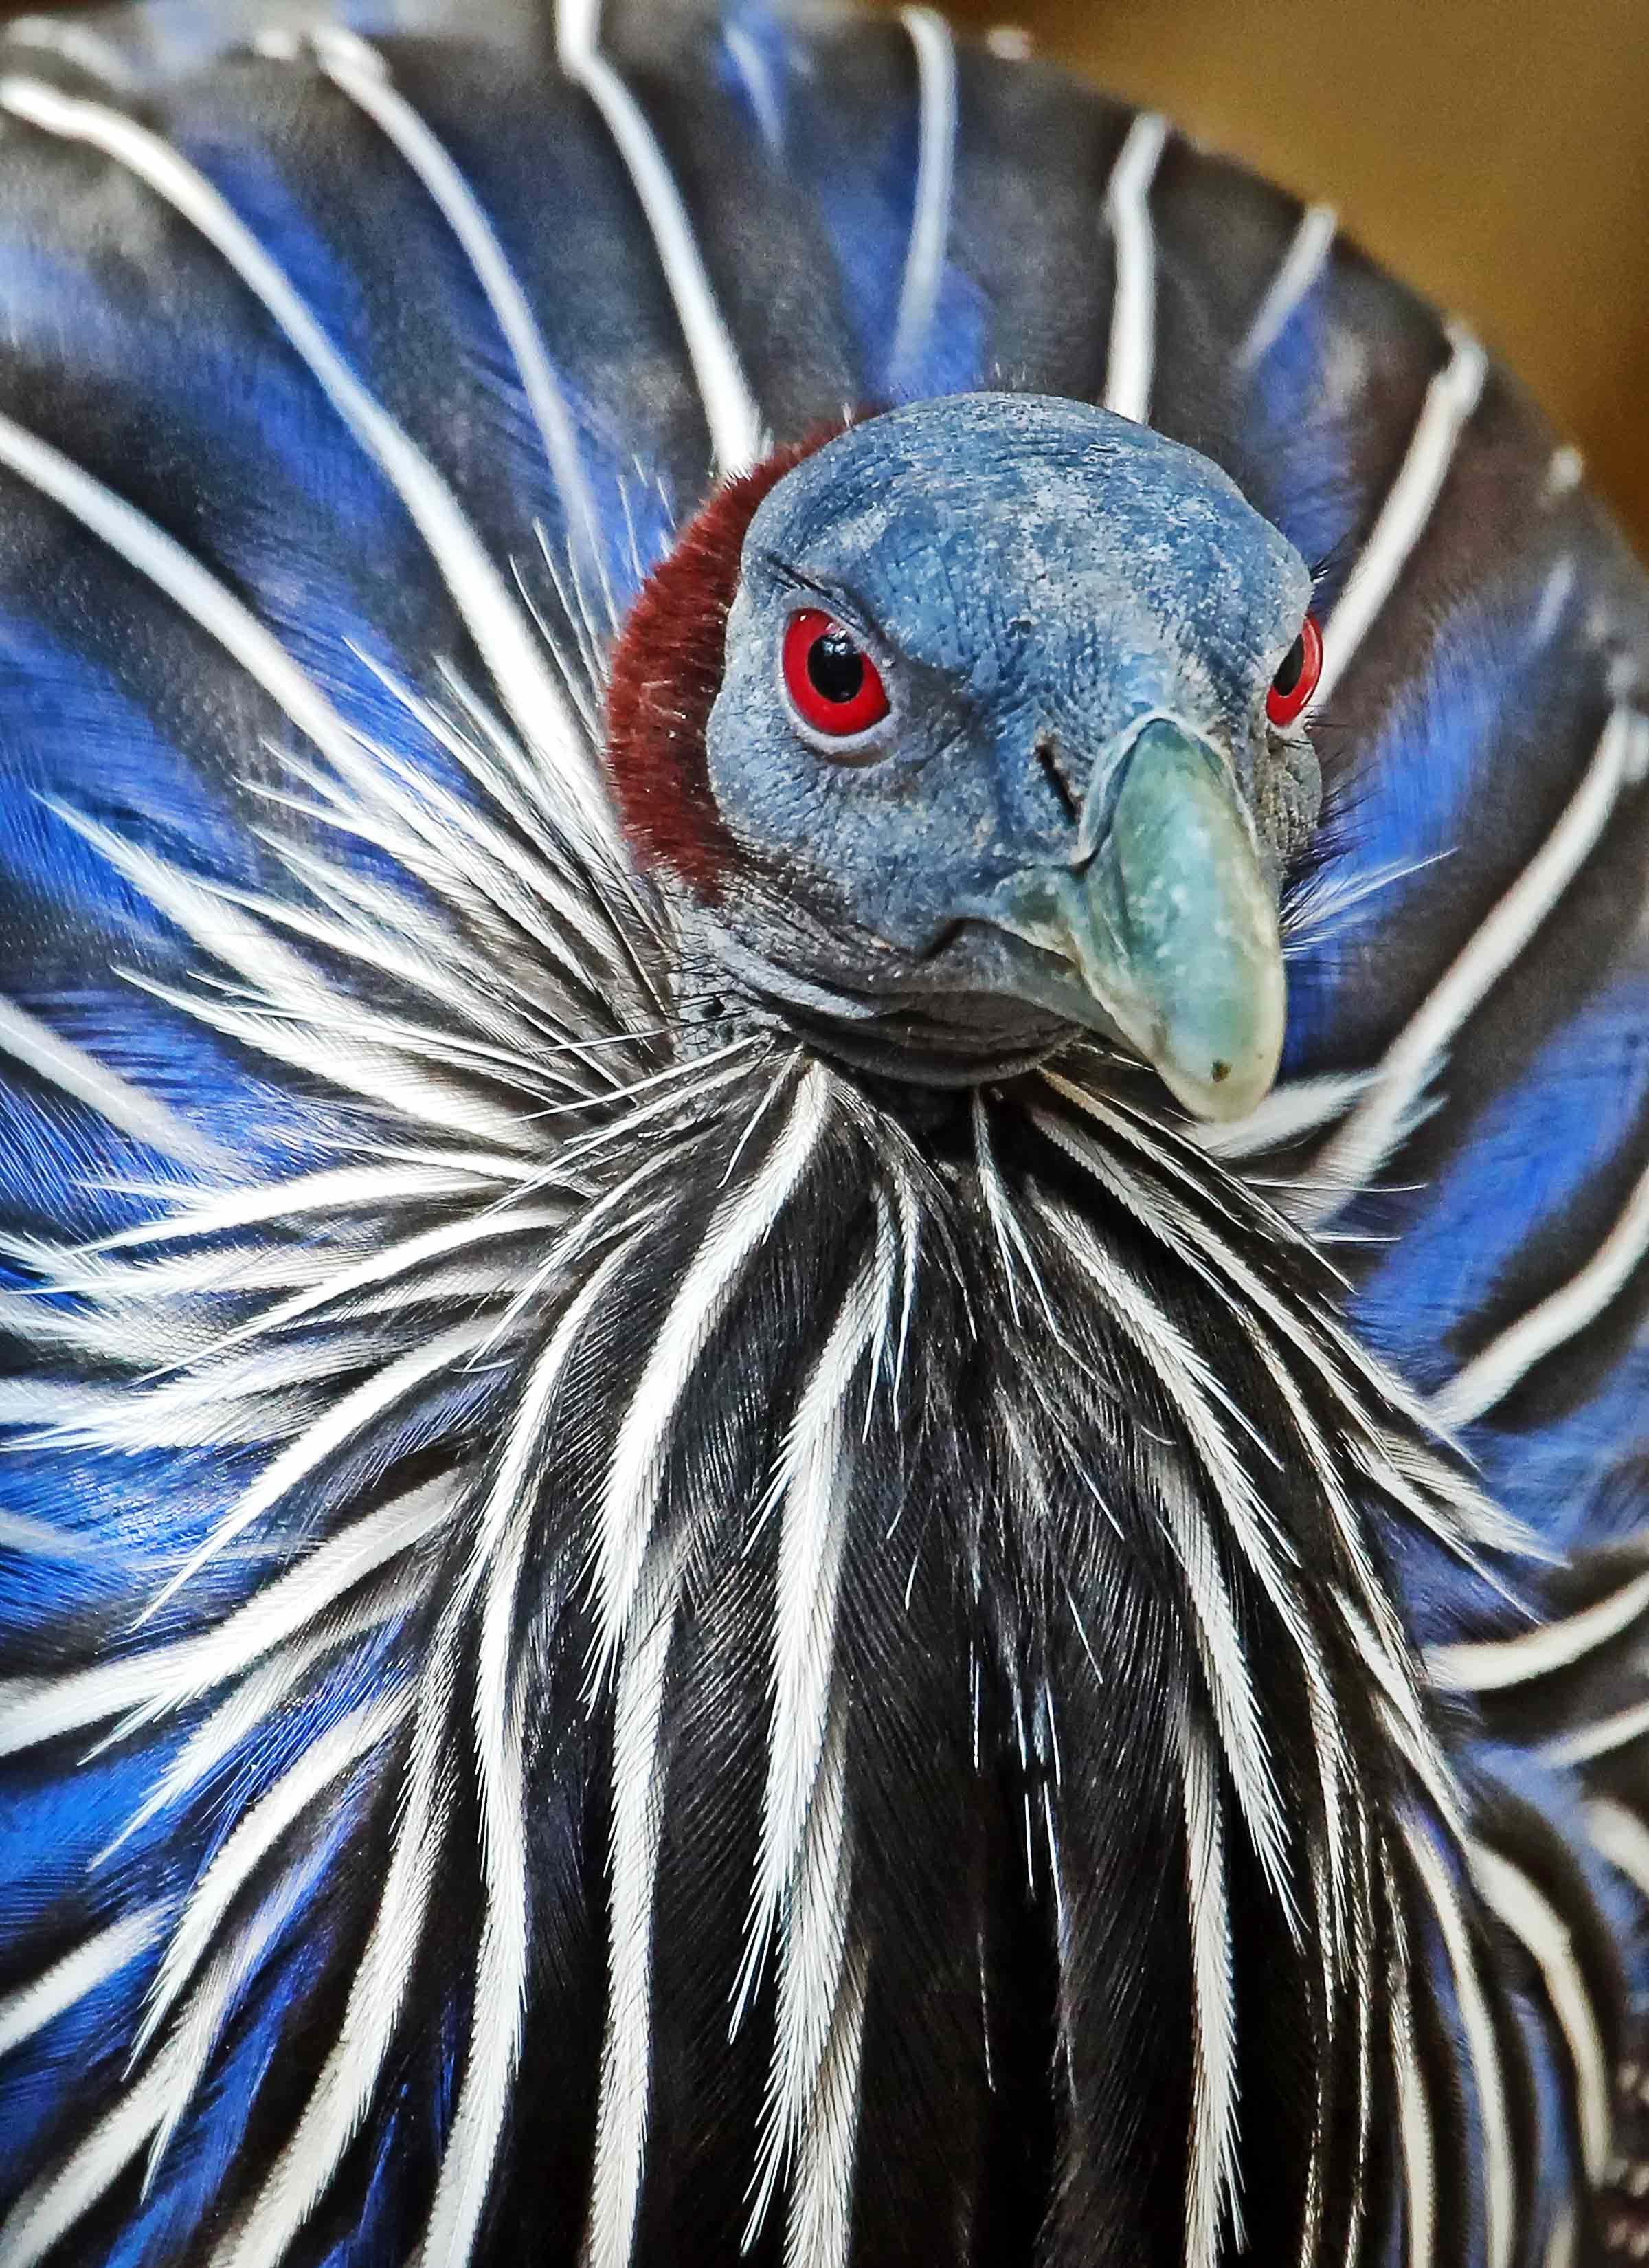 Vulture guineafowl